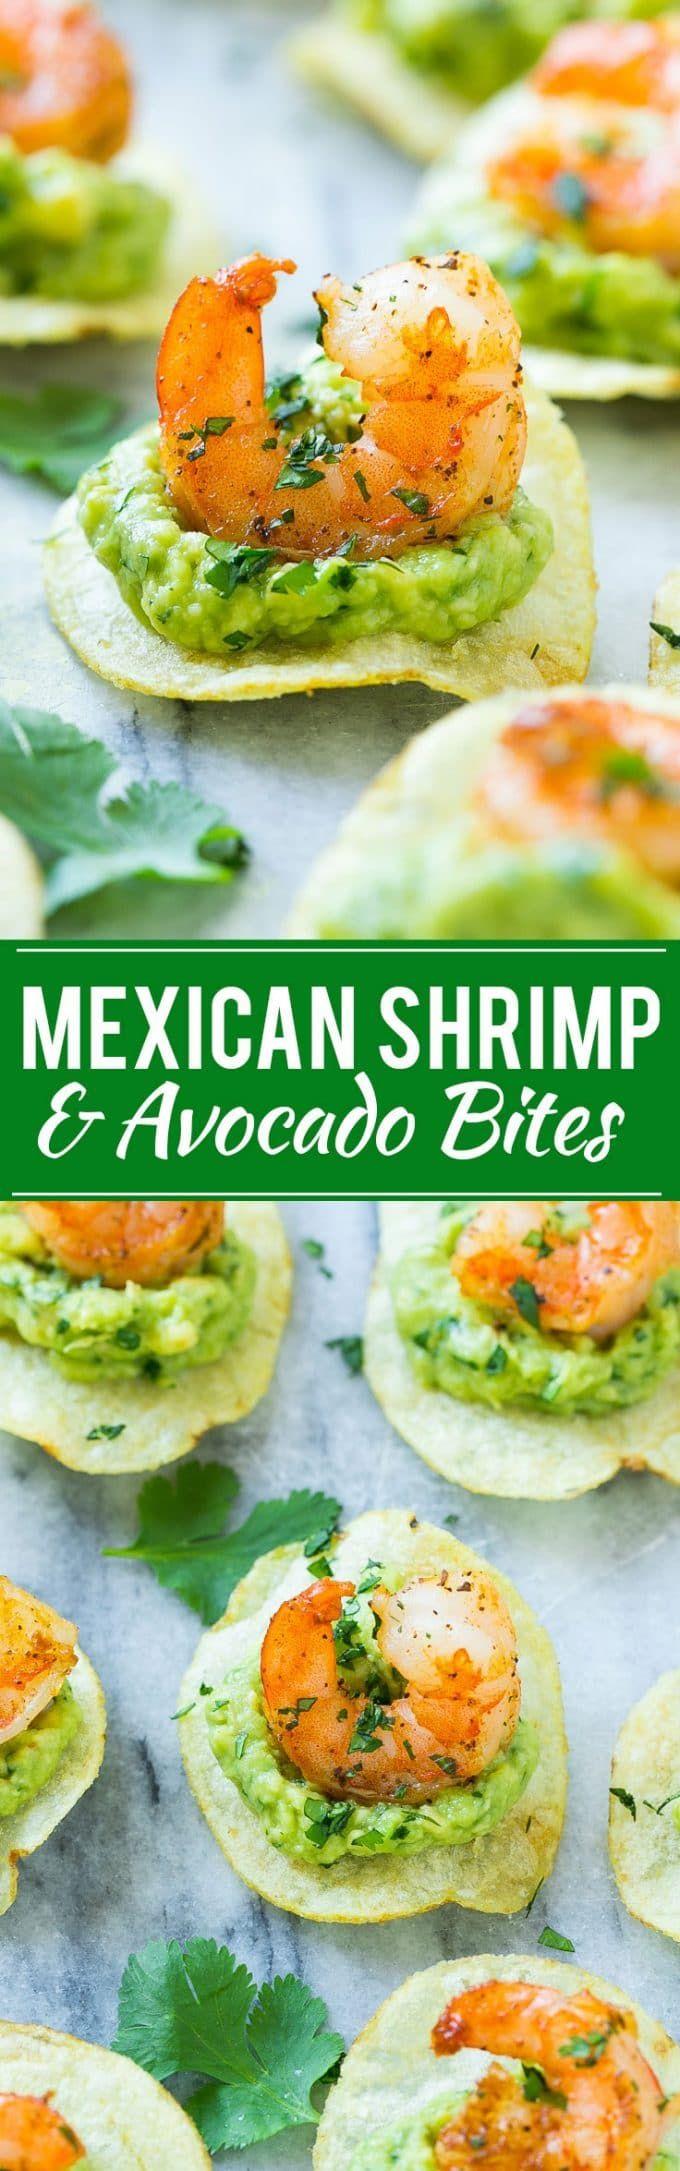 Mexican Shrimp Bites Recipe   Easy Shrimp Recipe   Shrimp Appetizer   Mexican Shrimp